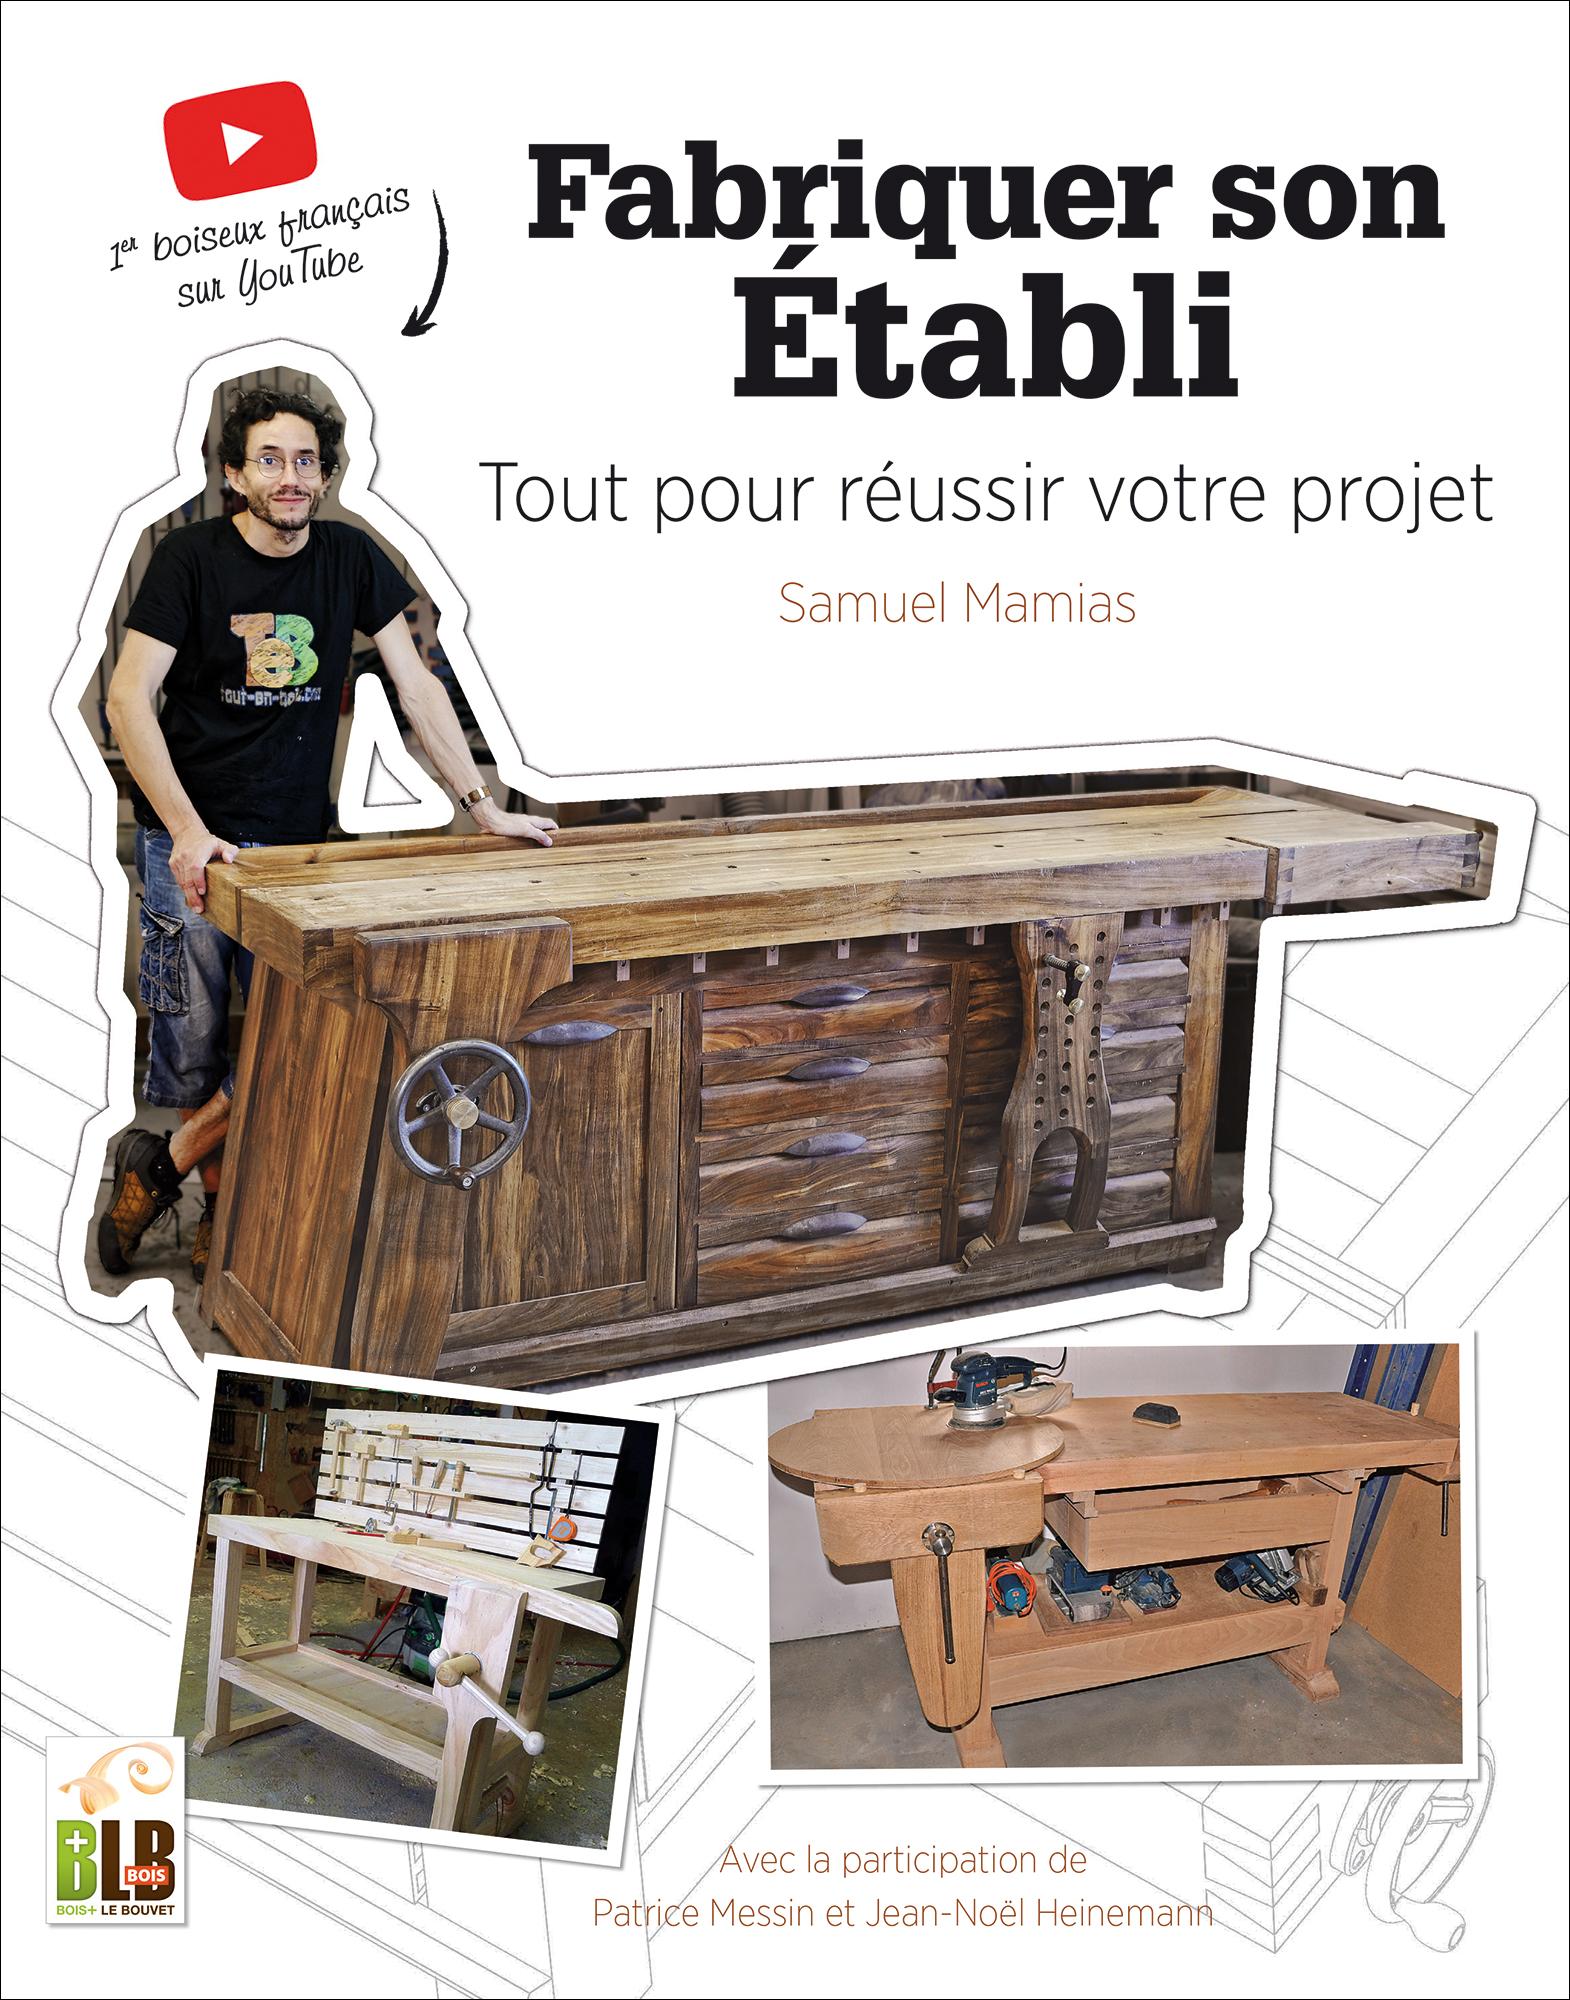 Comment Fabriquer Un Mobile En Bois boutique blb-bois - fabriquer son établi